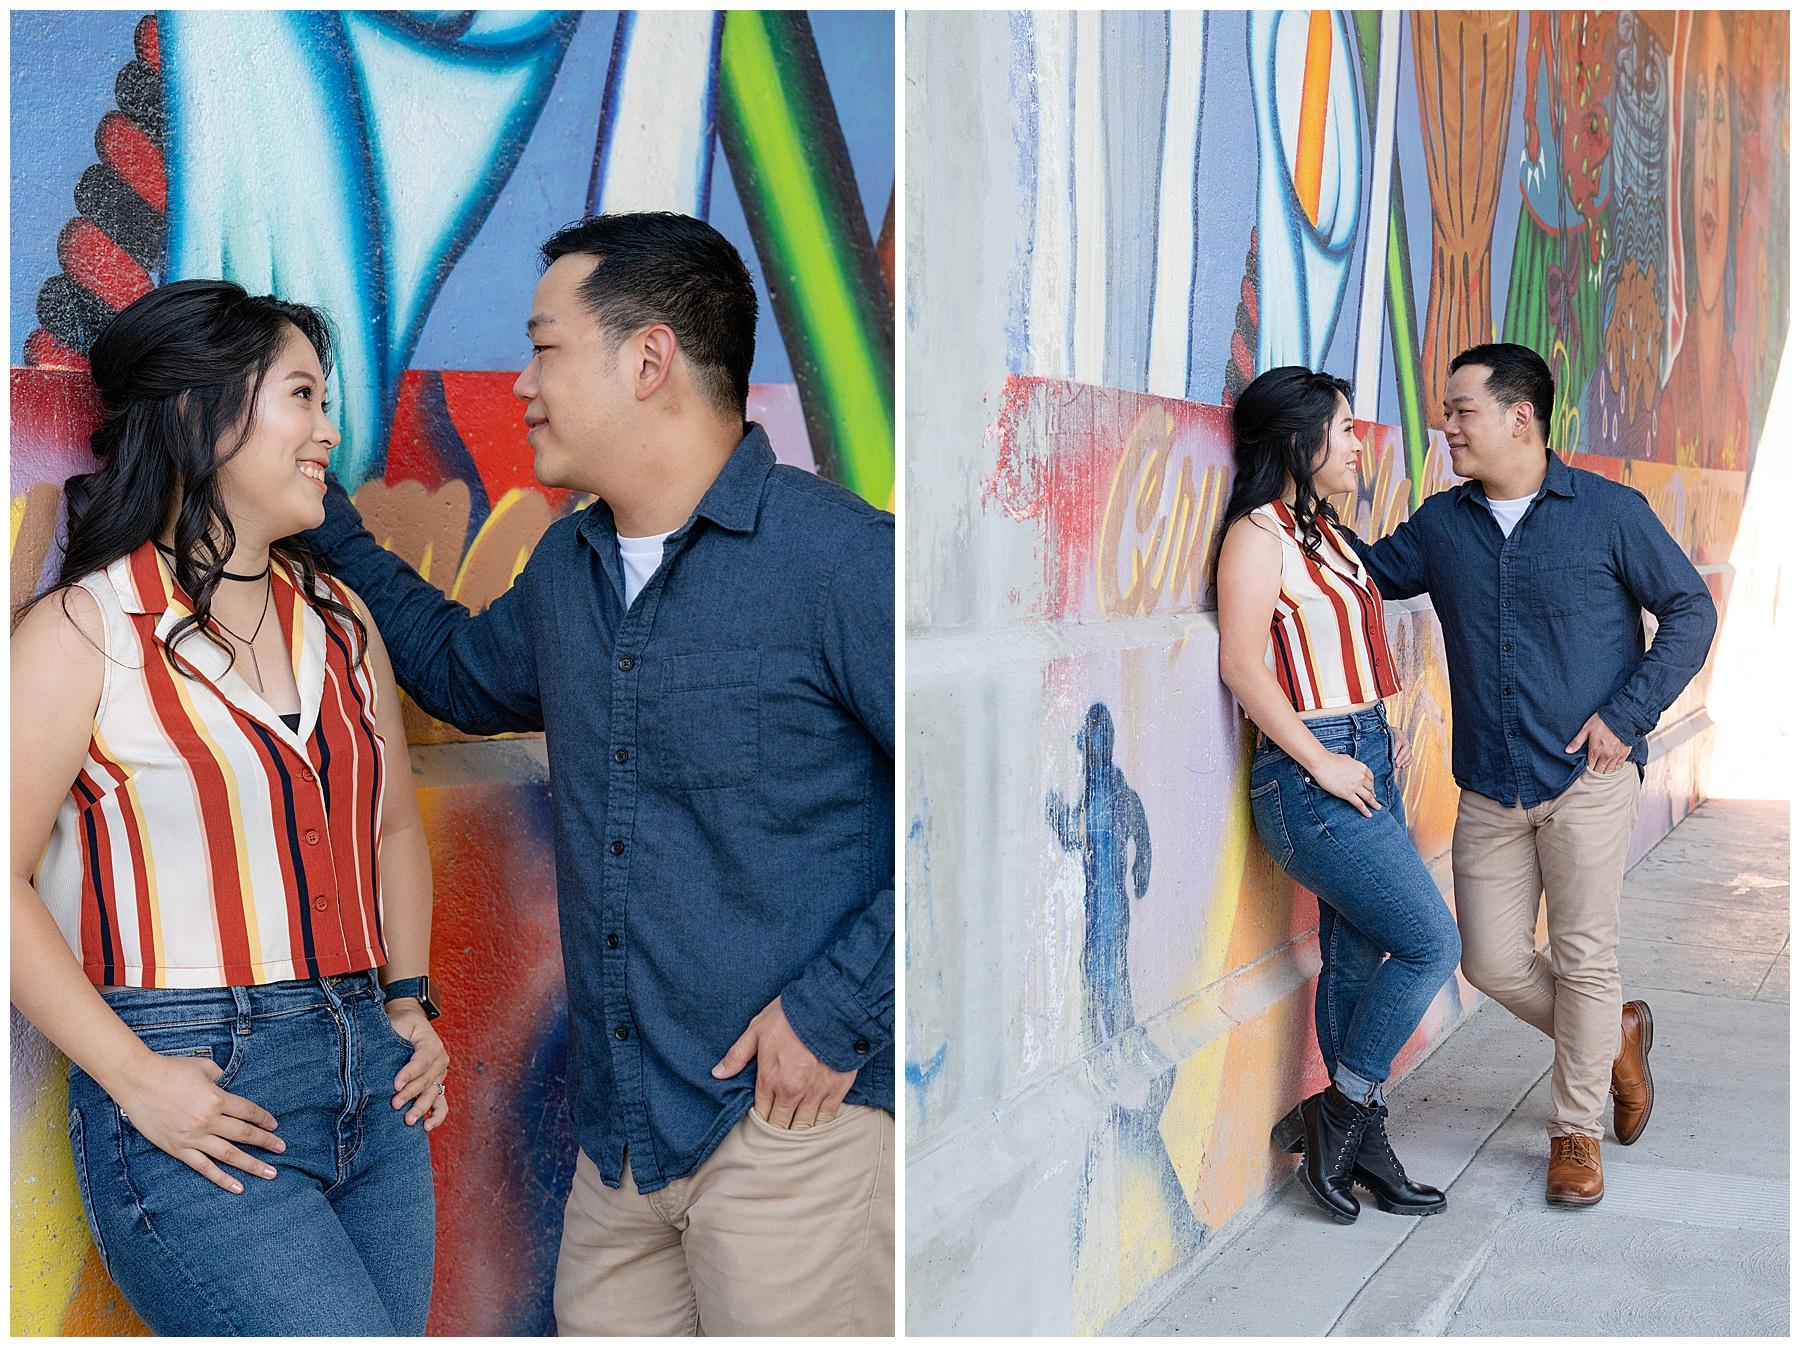 engagement photos graffiti wall